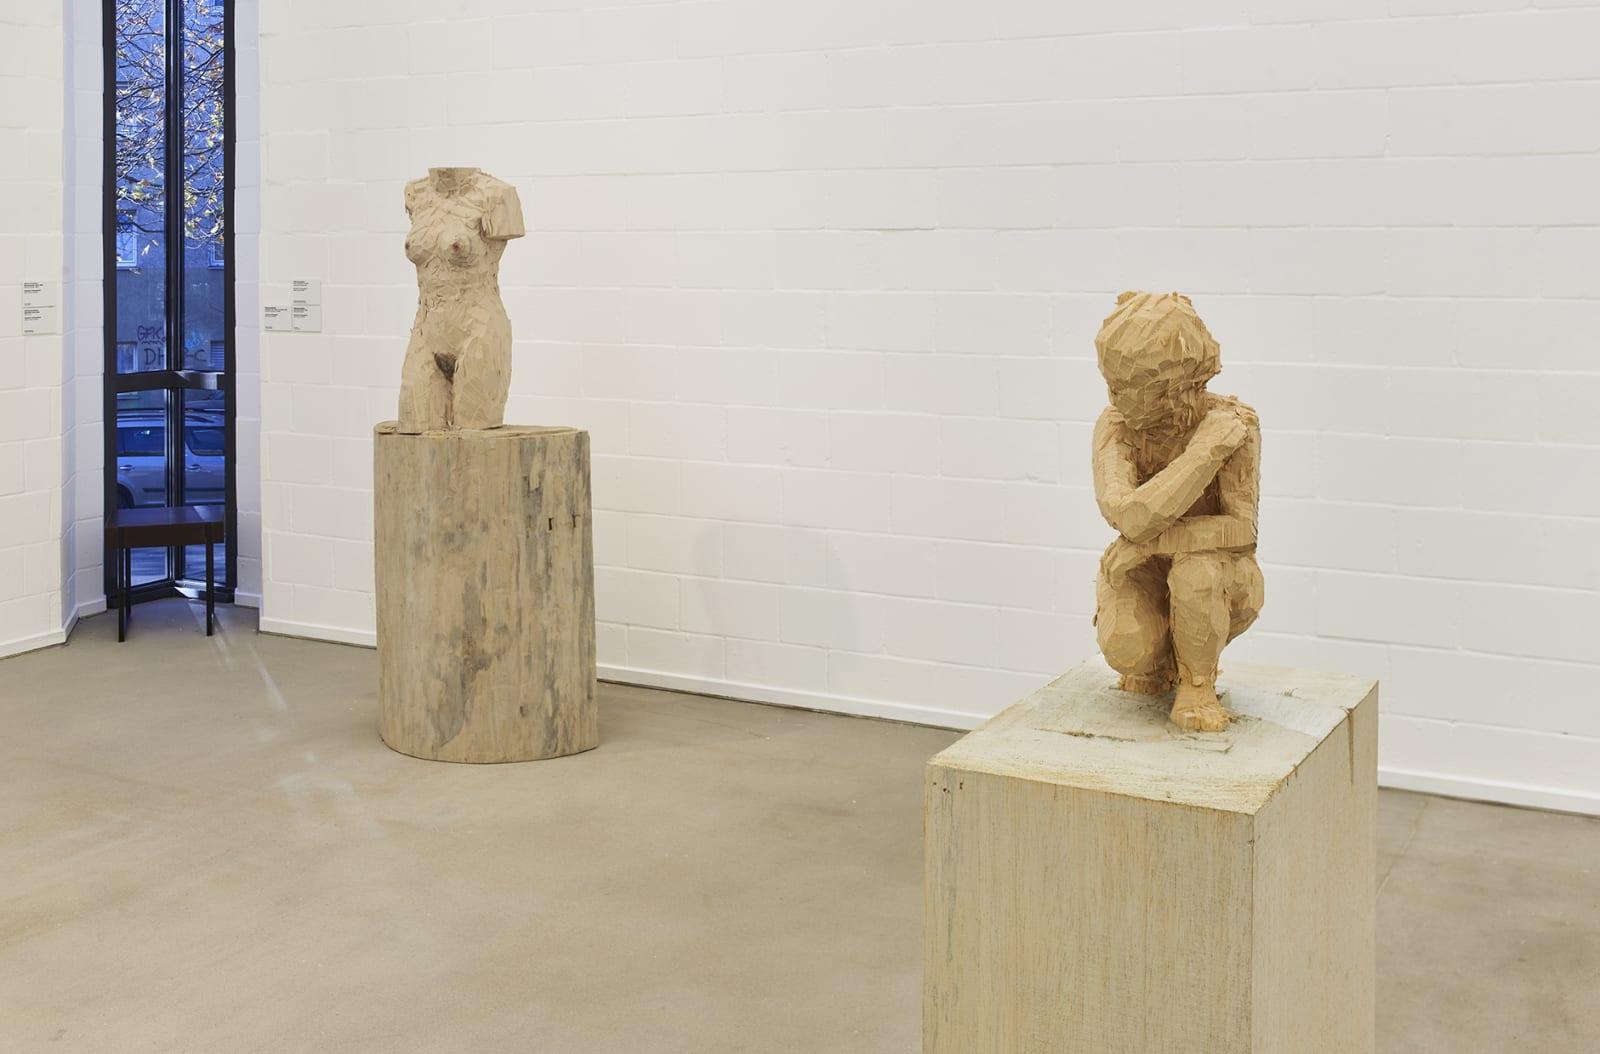 <p>Installation view: 'Stephan Balkenhol', Lehmbruck Museum, Duisburg (2020-2021).</p>